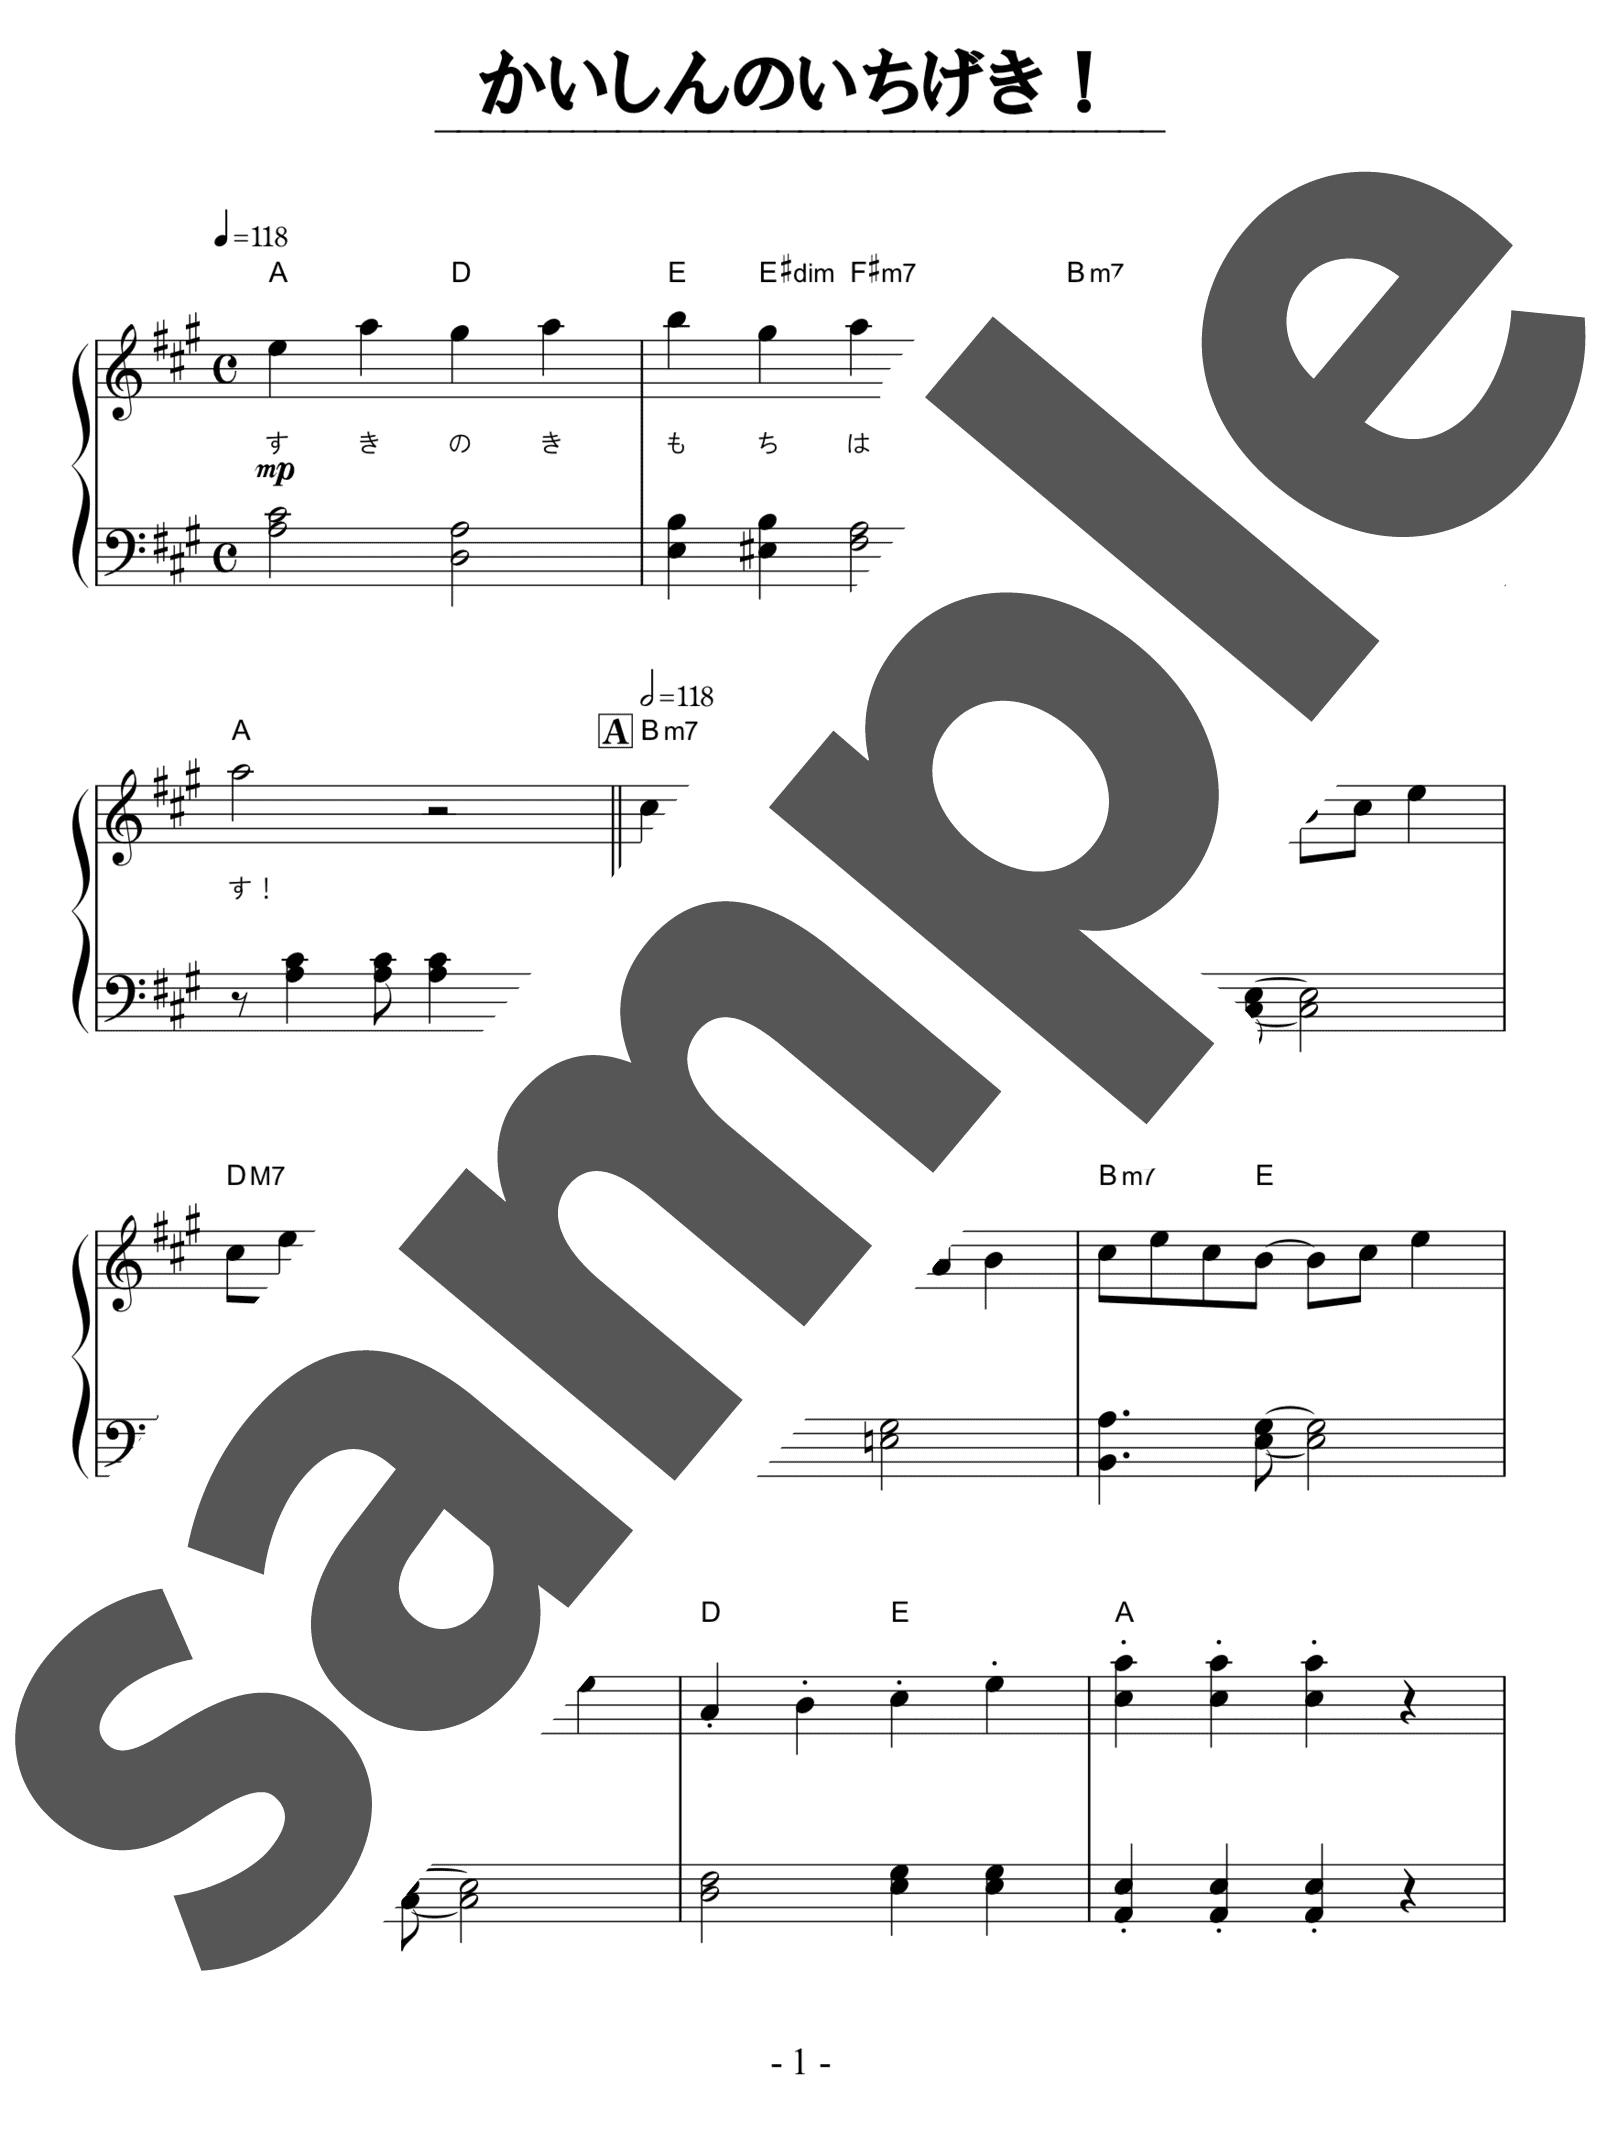 「かいしんのいちげき!」のサンプル楽譜